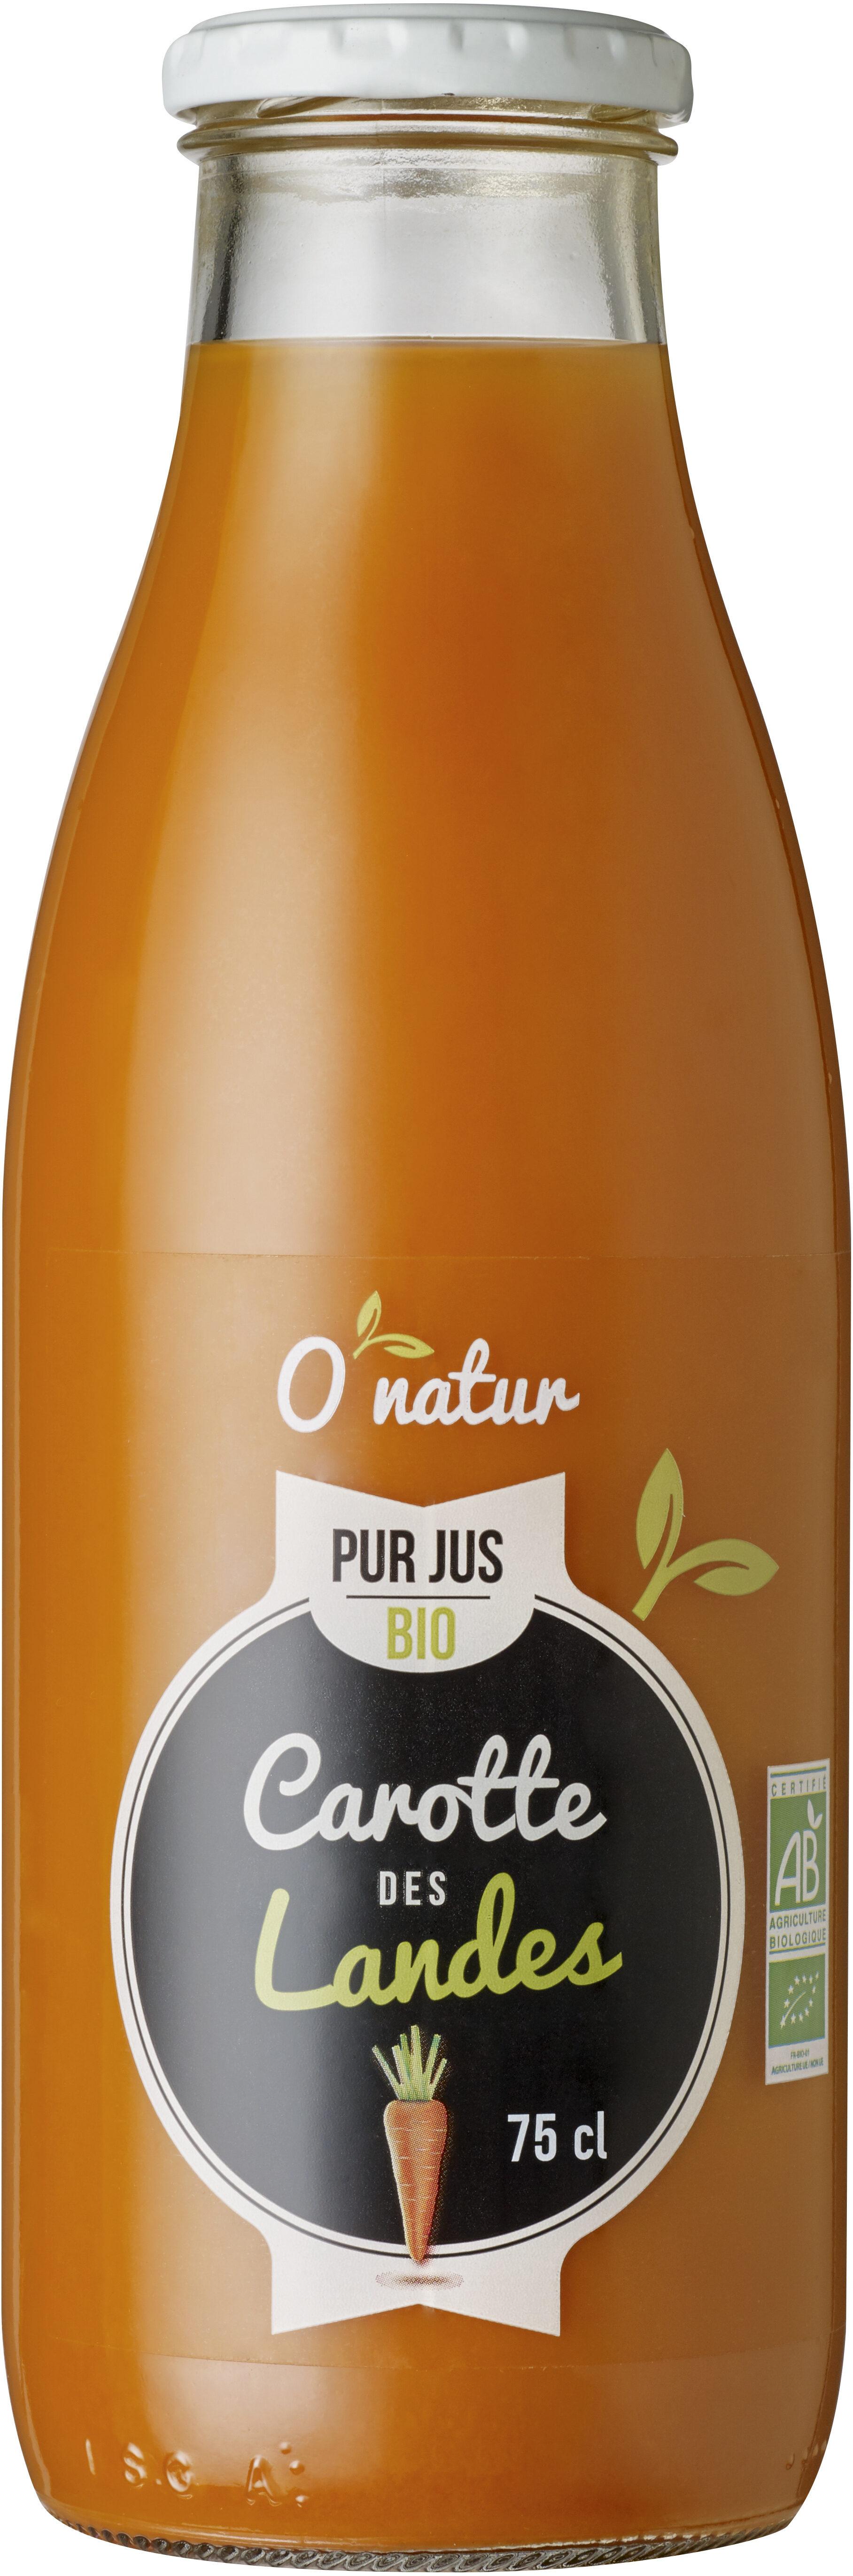 Pur Jus de Carotte des Landes Bio - Prodotto - fr